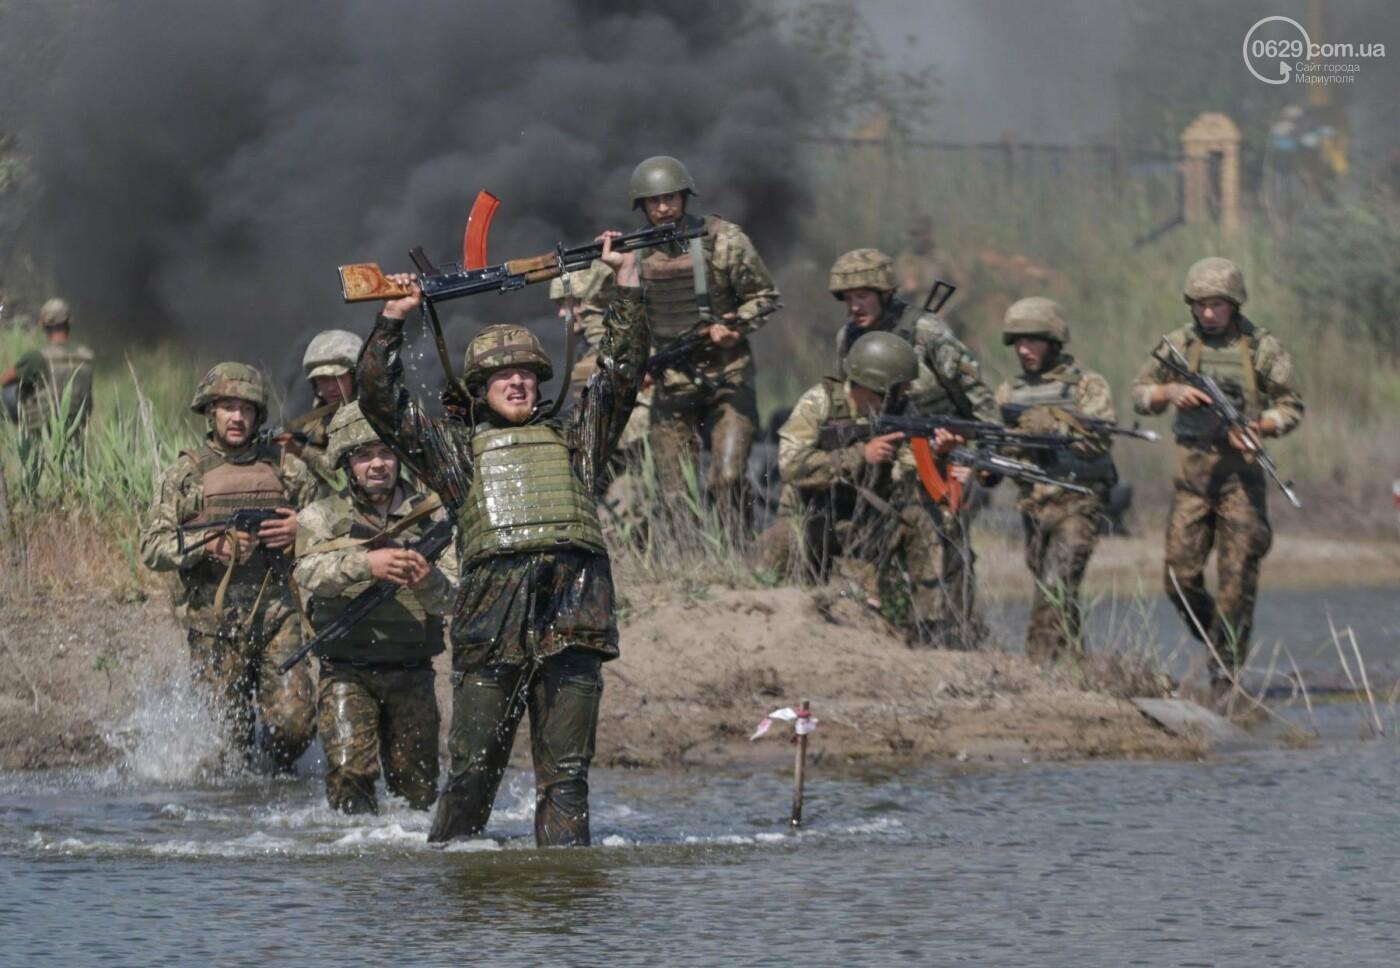 Под Мариуполем девушки-военнослужащие преодолели «полосу морпеха», - ФОТОРЕПОРТАЖ, фото-8